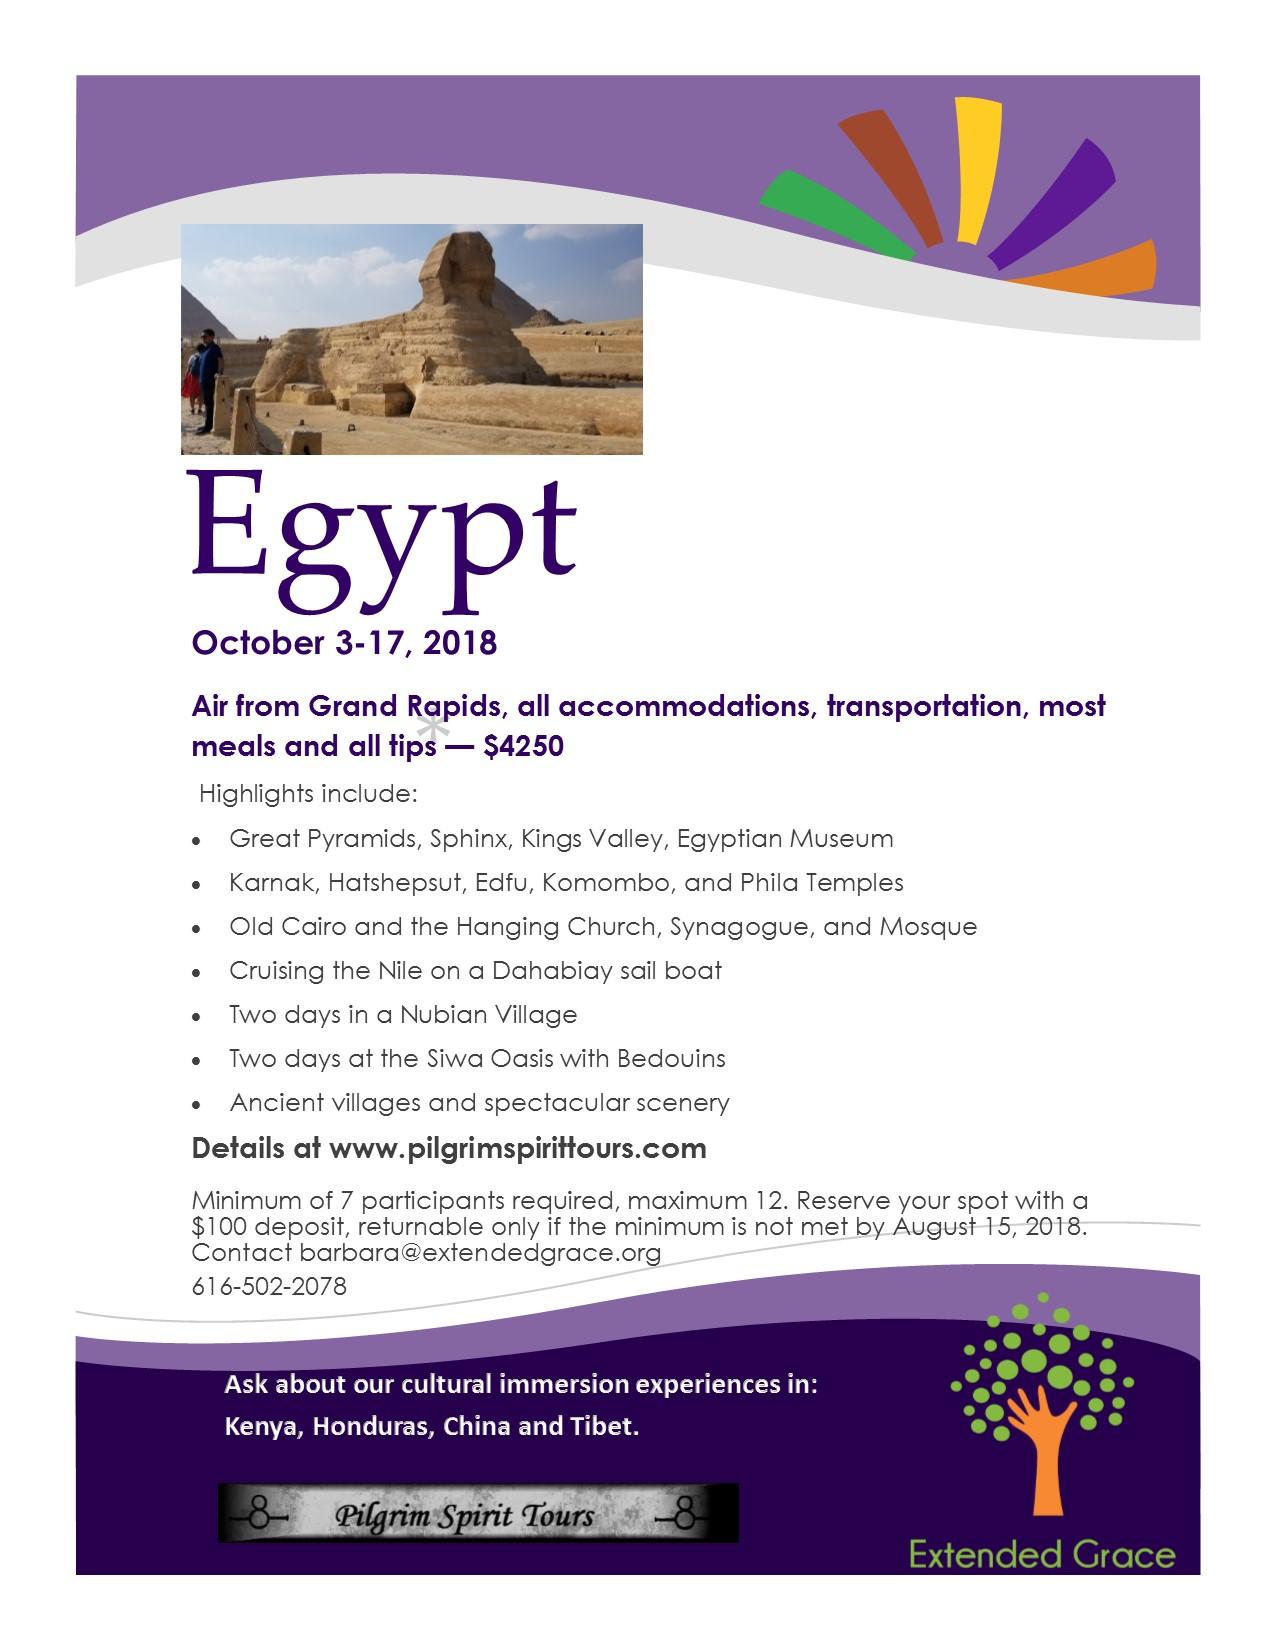 PST Egypt 2018